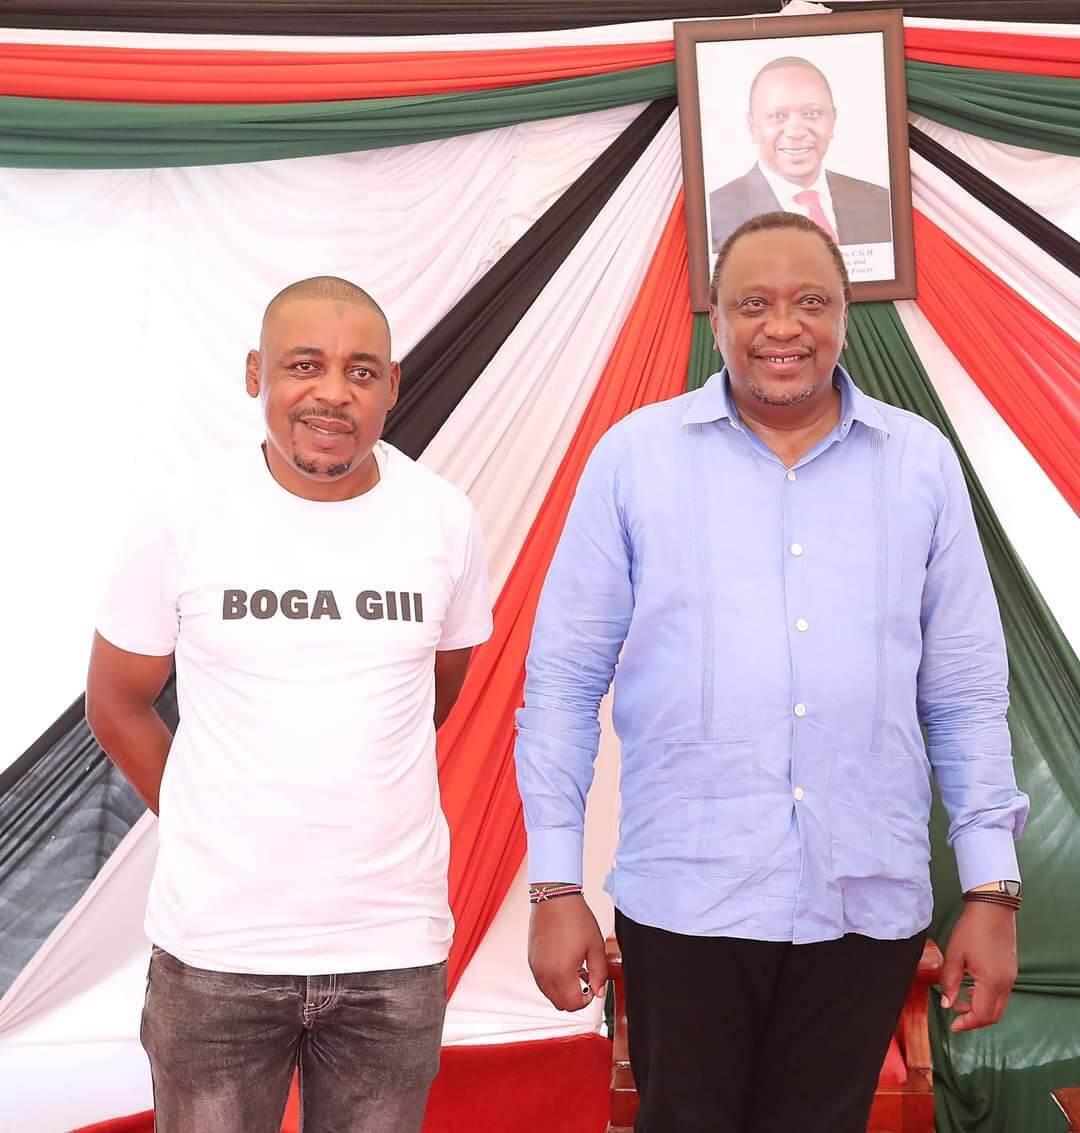 Uhuru and ODM candidate Omar Boga